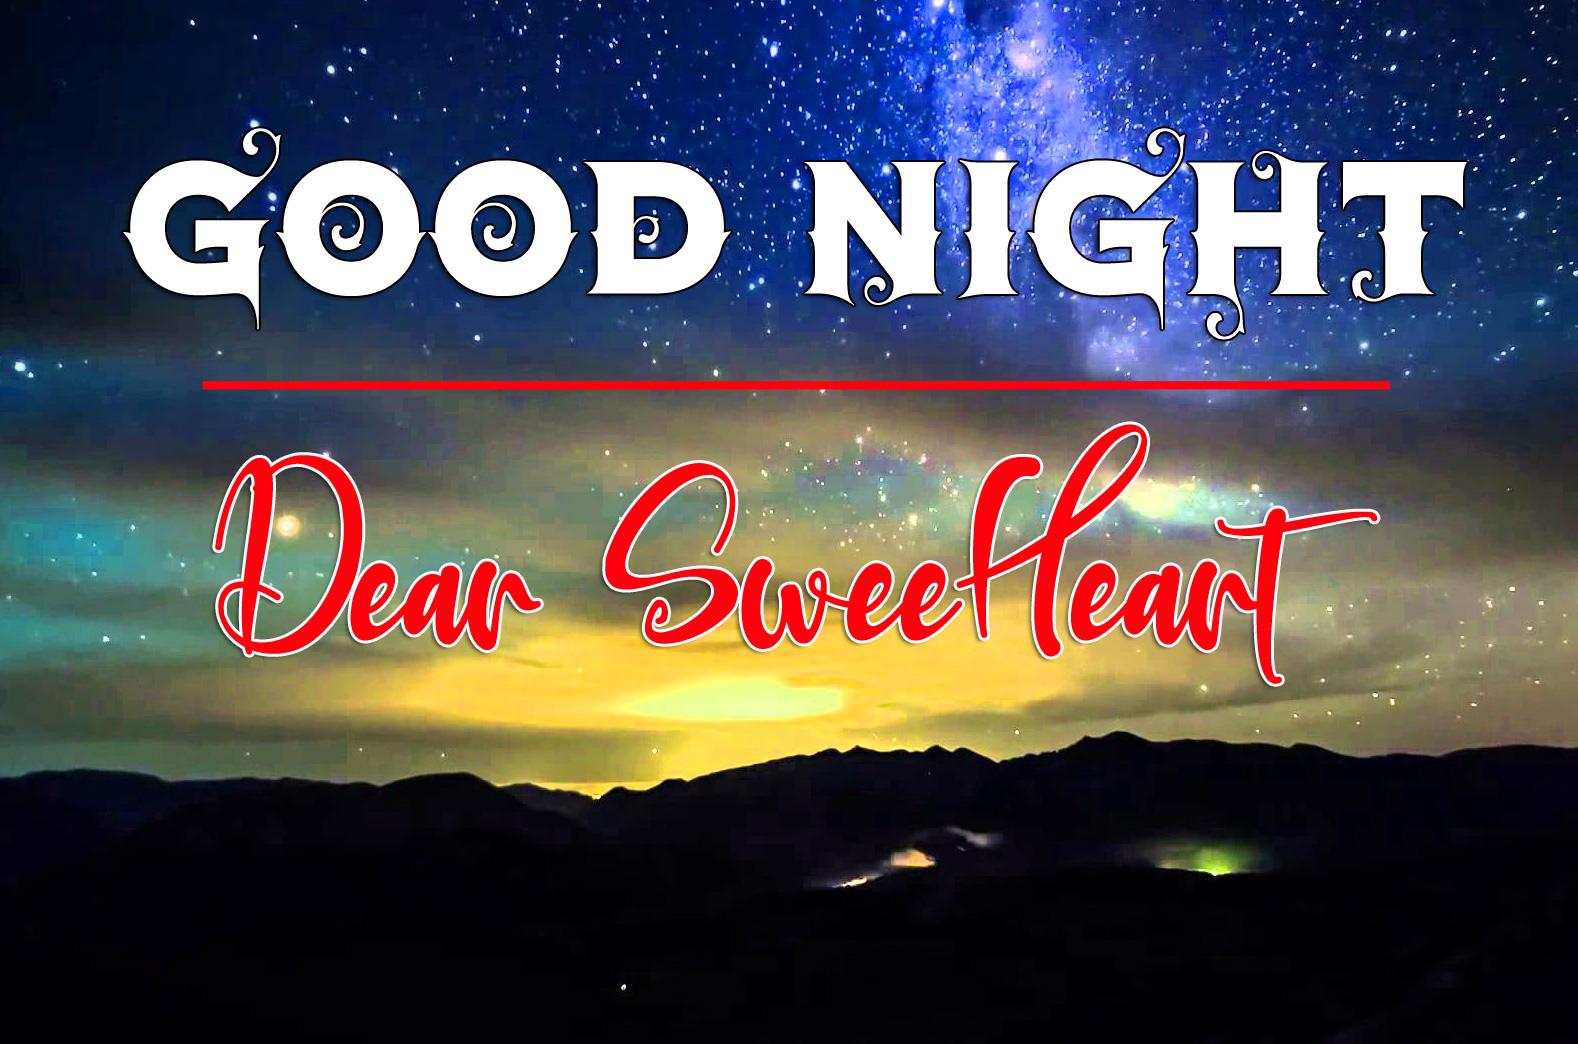 4k Good Night Images Wallpaper Free